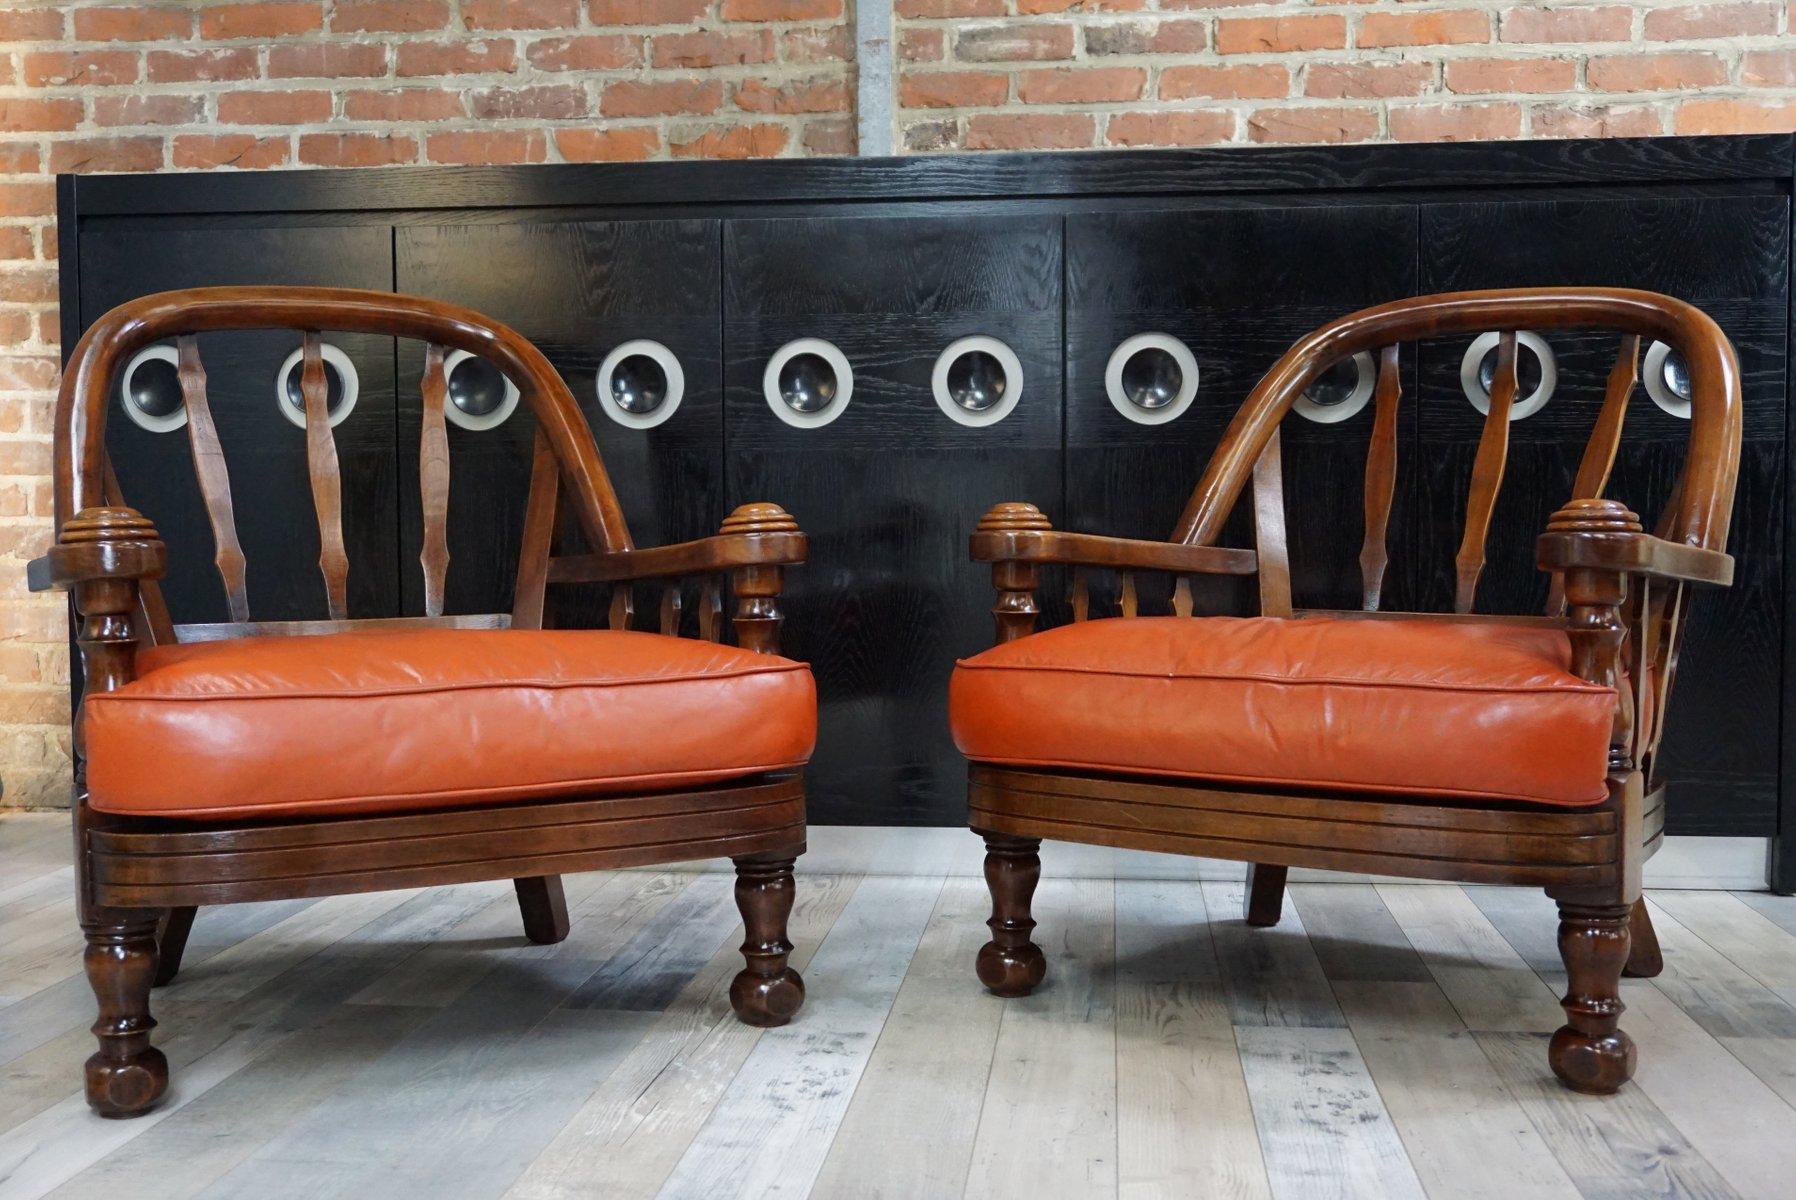 Vintage Sessel aus Holz & hellbraunem Leder, 2er Set